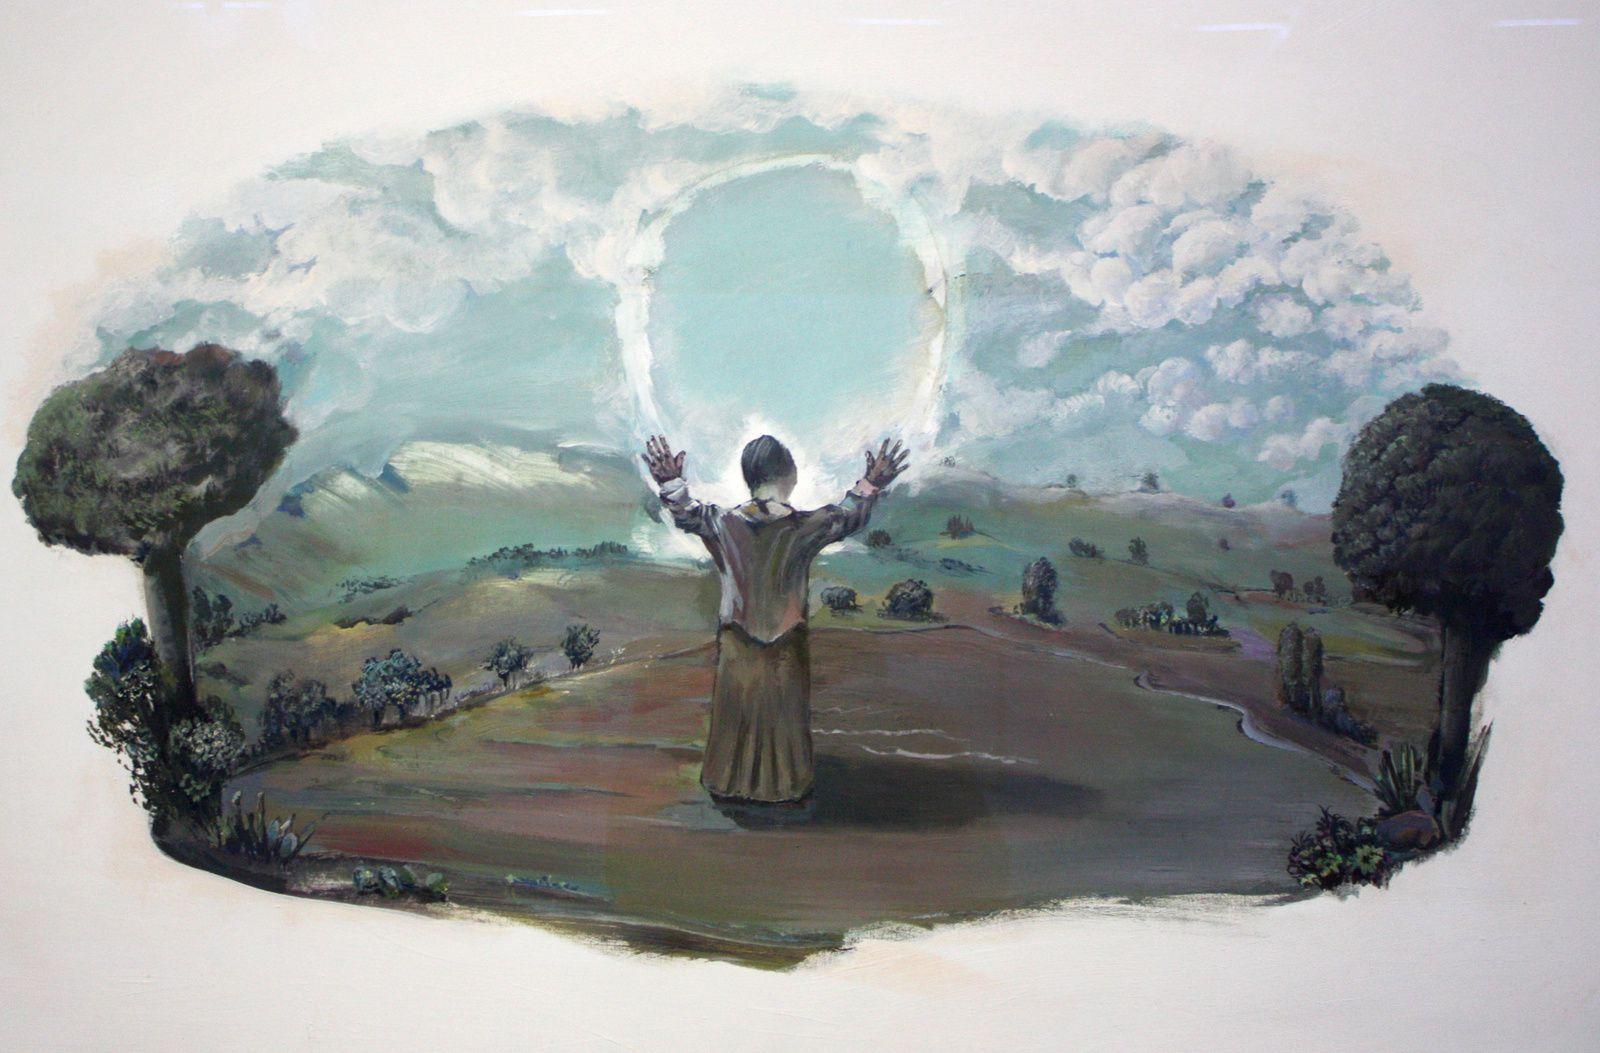 L'ami des nuages, 1982